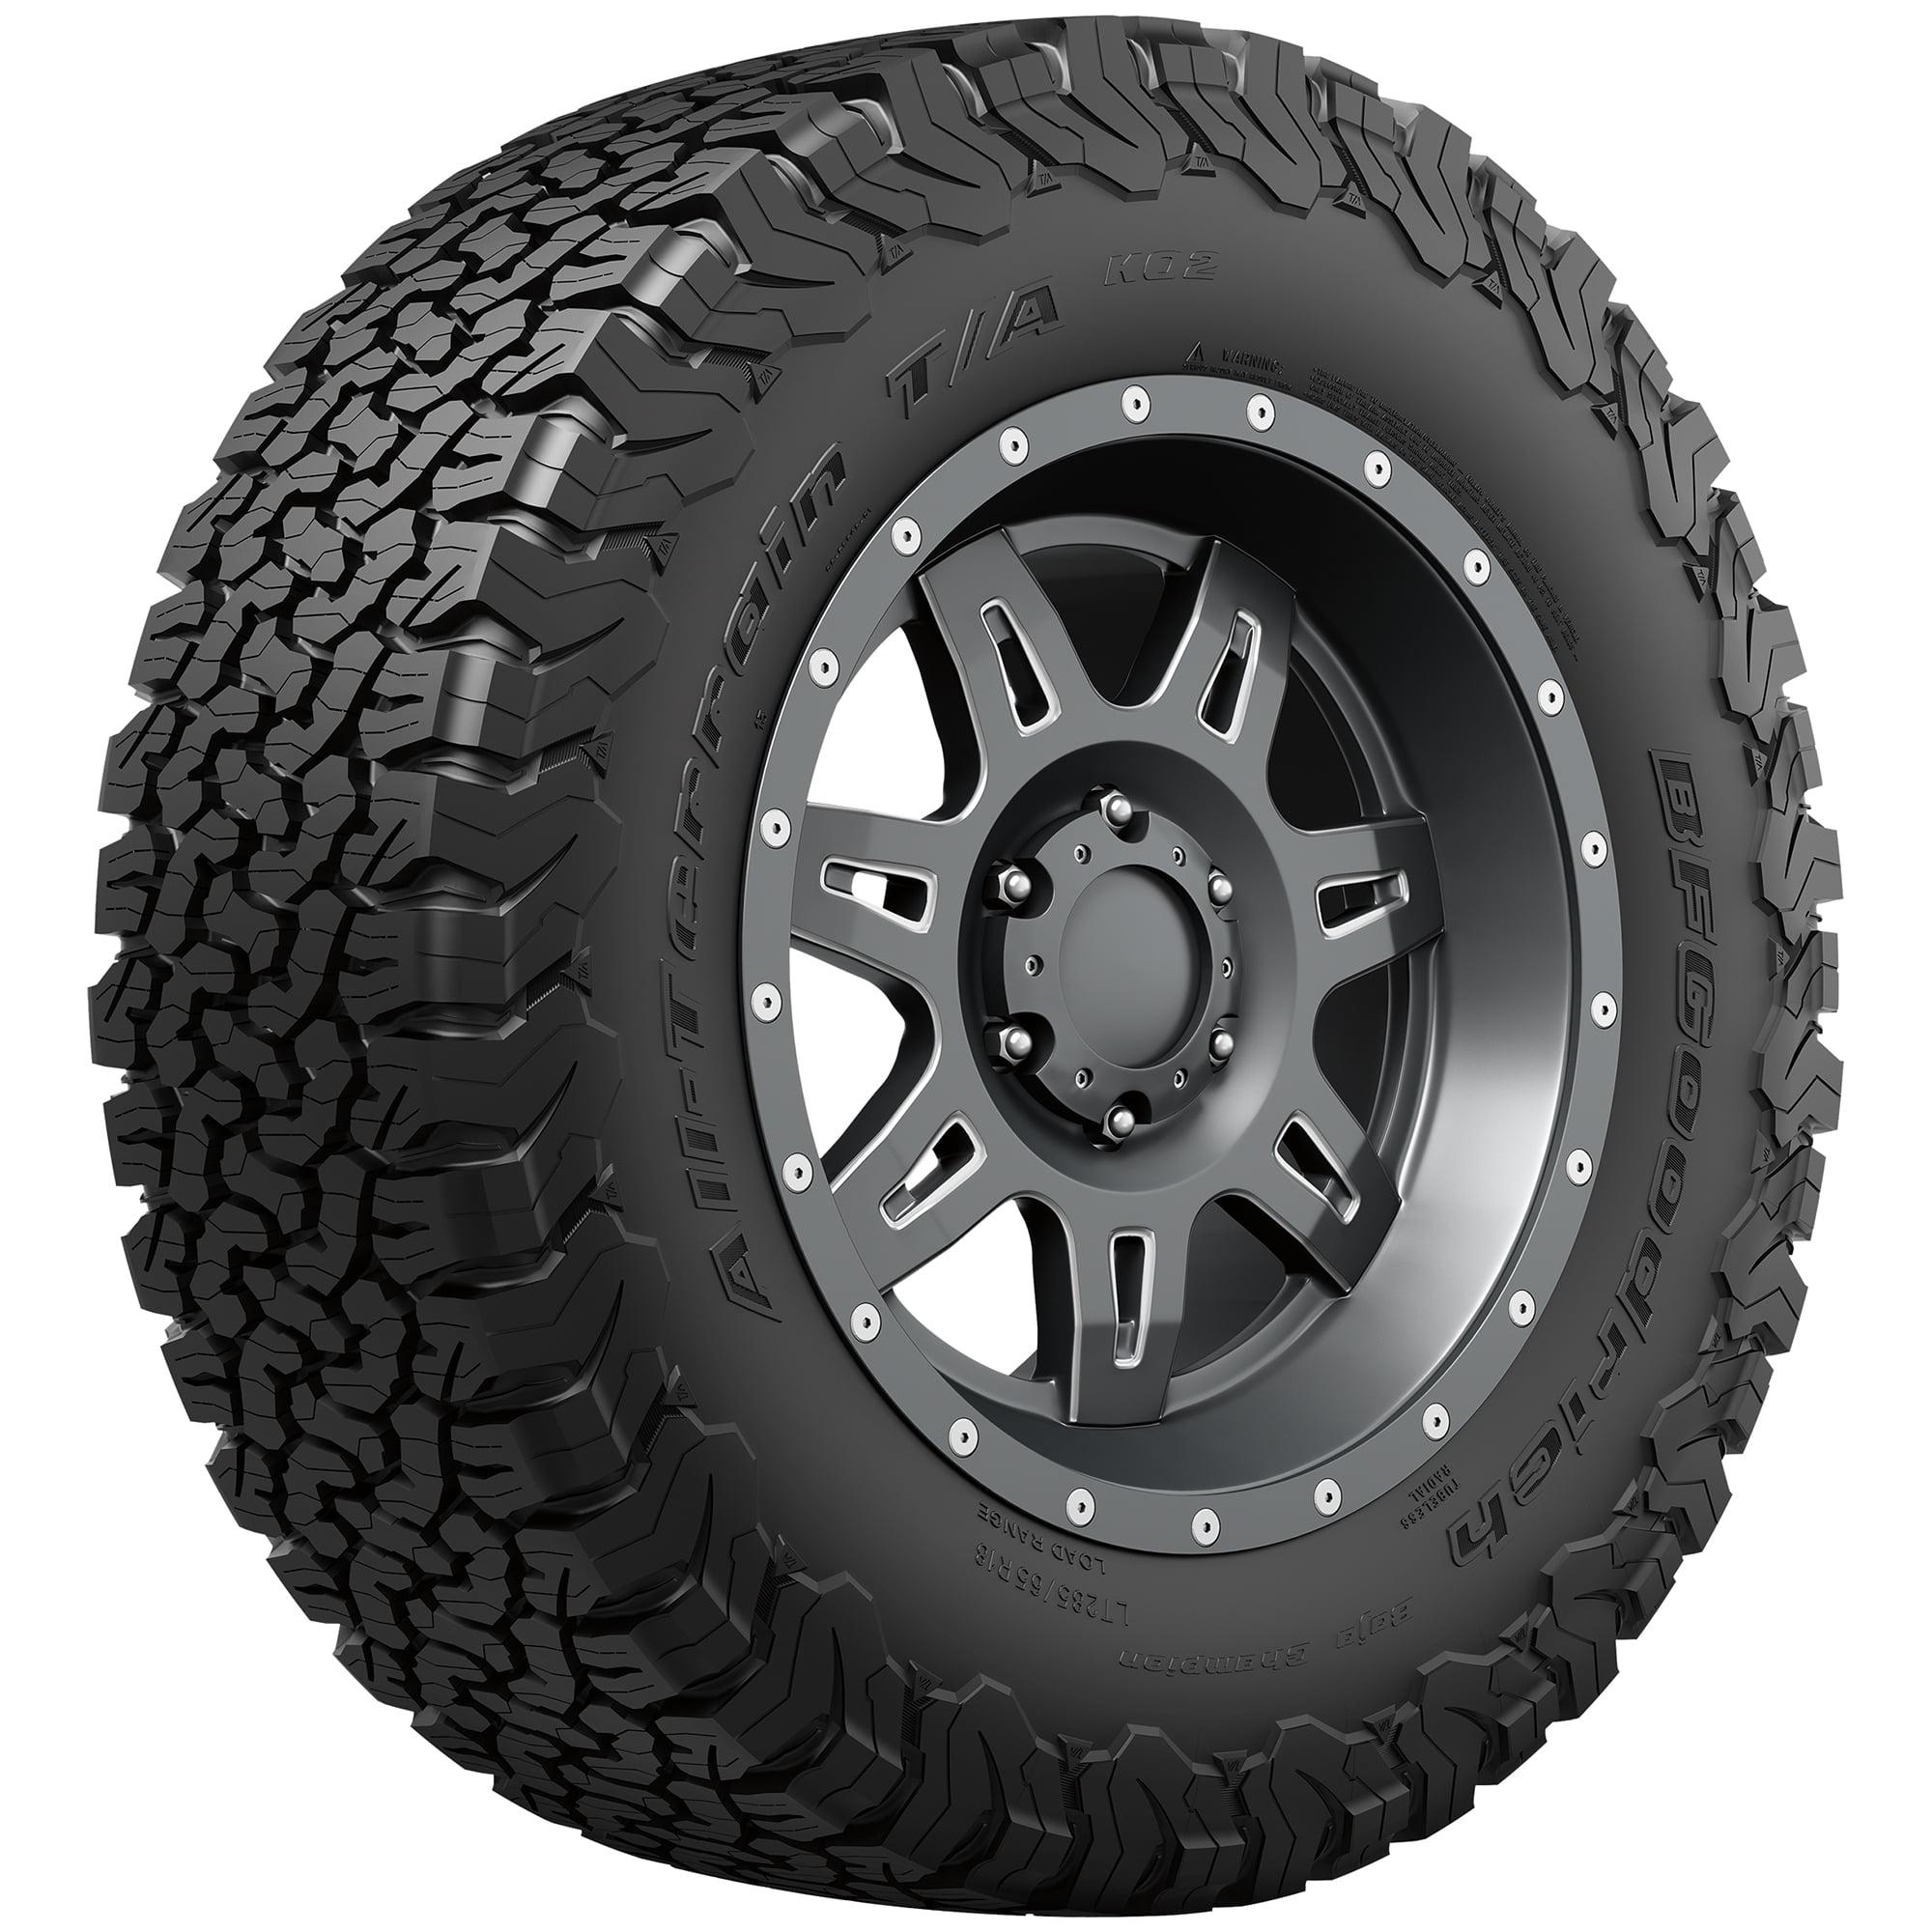 Bfgoodrich All Terrain T A Ko2 Tire Lt265 75r16 E 123 120r Walmart Com